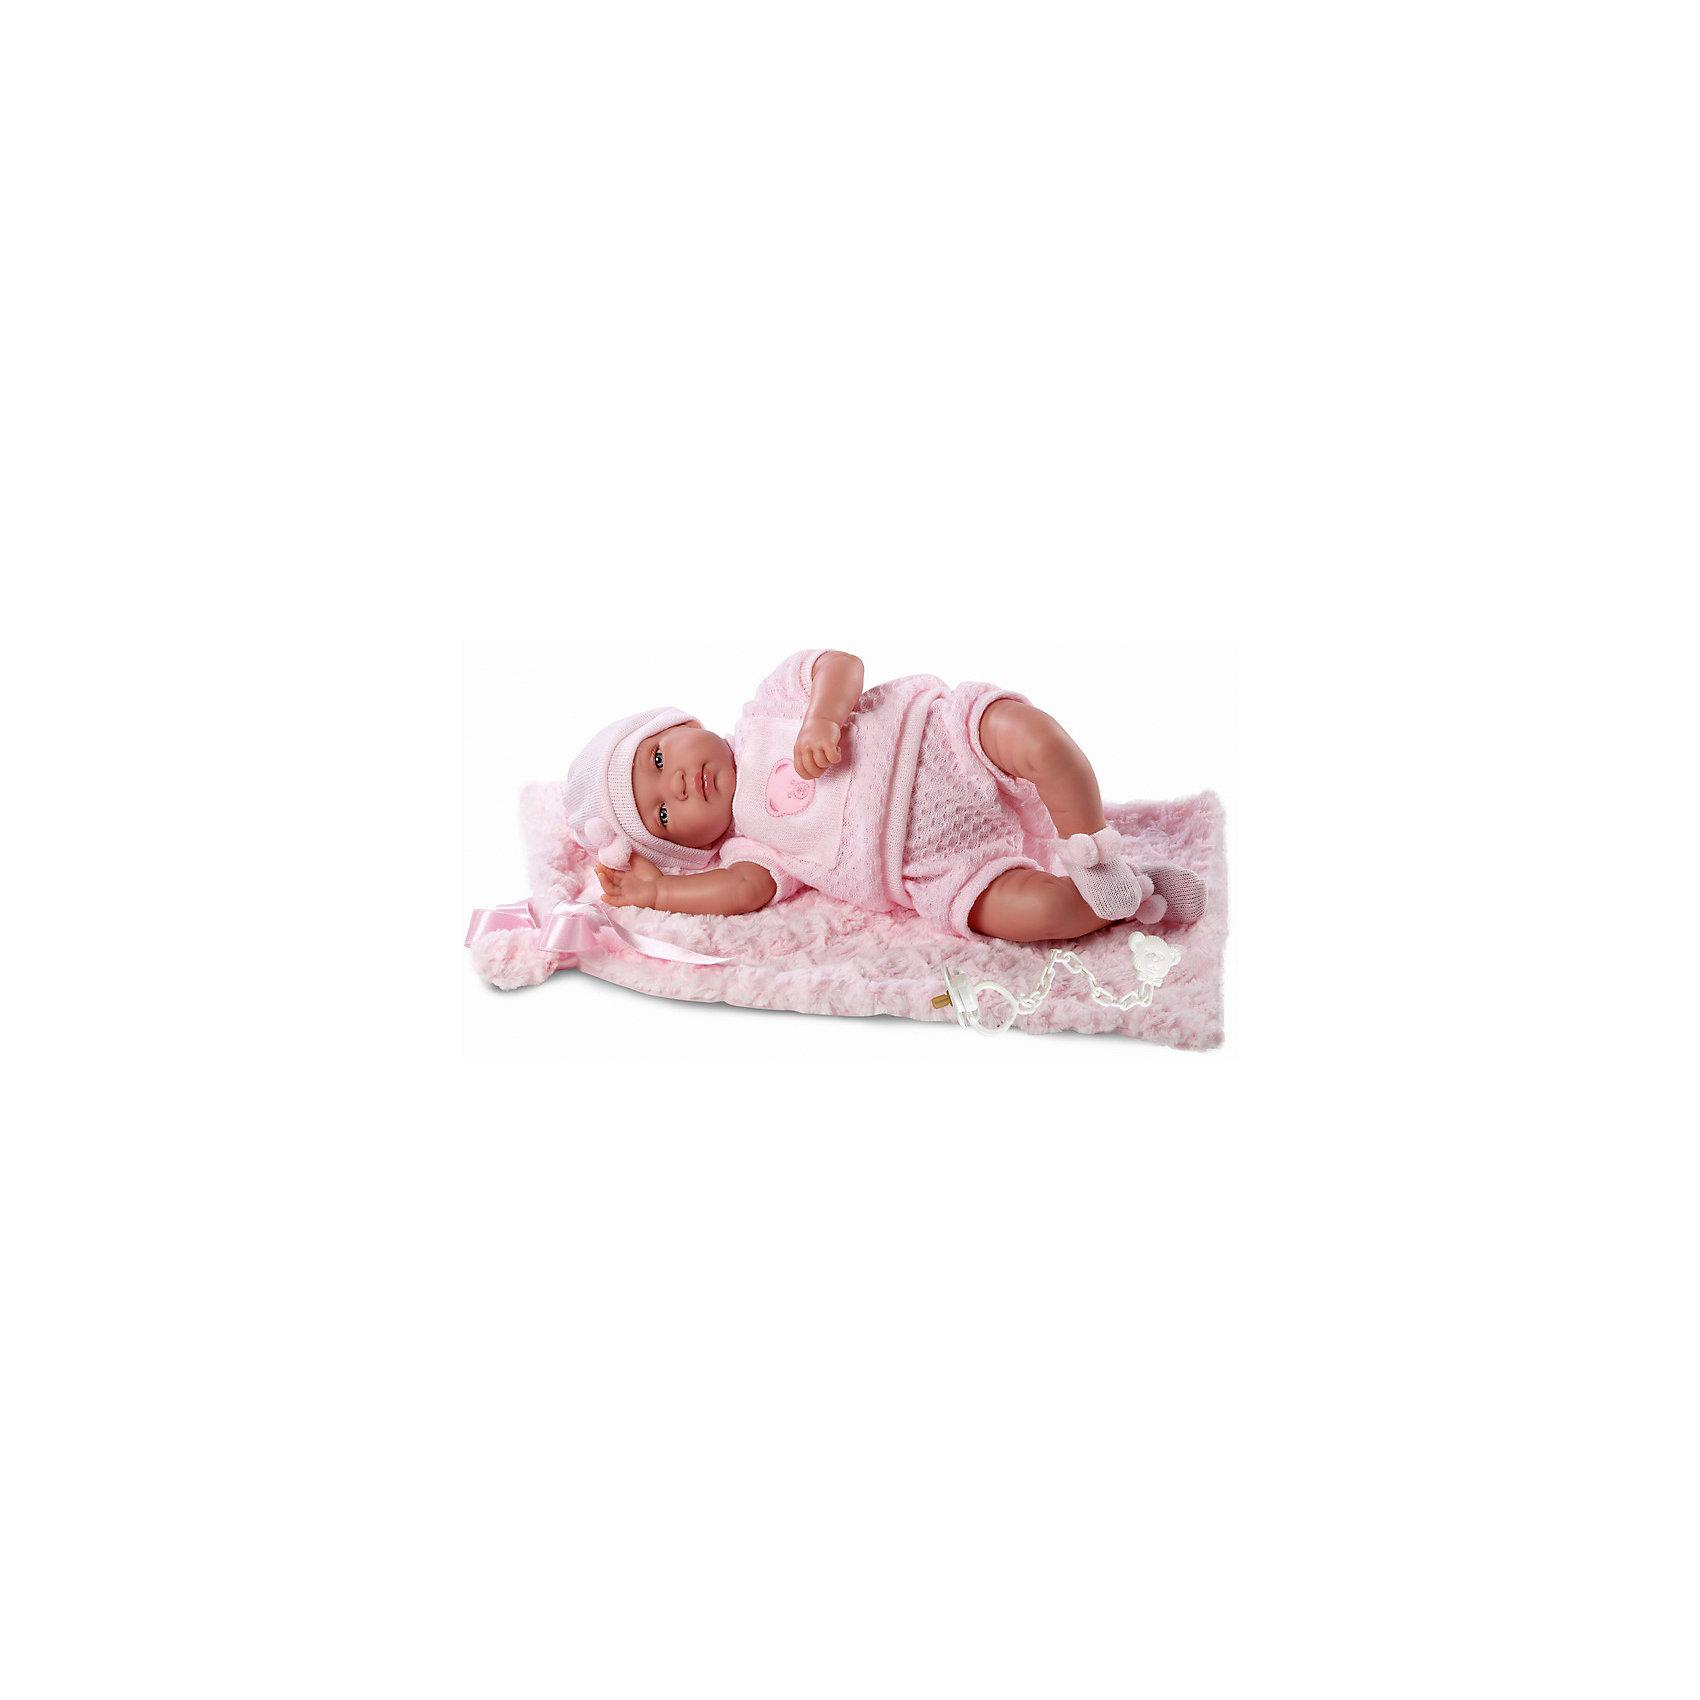 Пупс с одеялом, 43 см, LlorensКуклы-пупсы<br>Характеристики:<br><br>• Предназначение: для сюжетно-ролевых игр<br>• Тип куклы: мягконабивная<br>• Пол куклы: девочка <br>• Волосы: прорисованные<br>• Материал: поливинилхлорид, пластик, текстиль<br>• Цвет: розовый<br>• Высота куклы: 43 см<br>• Комплектация: кукла, кофточка, шортики, чепчик, носочки, одеяло, соска с держателем<br>• Вес: 1 кг 400 г<br>• Звуковые эффекты: плачет, произносит мама и папа<br>• Батарейки: з шт. типа AG13/LR44 (предусмотрены в комплекте)<br>• Размеры упаковки (Д*В*Ш): 23*46*13 см<br>• Упаковка: подарочная картонная коробка <br>• Особенности ухода: допускается деликатная стирка без использования красящих и отбеливающих средств предметов одежды куклы<br><br>Кукла младенец 43 см – пупс, производителем которого является всемирно известный испанский кукольный бренд Llorens. Куклы этой торговой марки имеют свою неповторимую внешность и целую линейку образов как пупсов, так и кукол-малышей. Игрушки выполнены из сочетания поливинилхлорида и пластика, что позволяет с высокой долей достоверности воссоздать физиологические и мимические особенности маленьких детей. При изготовлении кукол Llorens используются только сертифицированные материалы, безопасные и не вызывающие аллергических реакций. Волосы у кукол-пупсов прорисованные; ручки и ножки двигаются.<br>Кукла младенец 43 см выполнена в образе малышки: голубые глазки и пухлые щечки создают невероятно очаровательный и милый образ. В комплект одежды входит розовый костюмчик, состоящий из кофточки с короткими рукавами и аппликацией в виде мишки на груди, шортиков, выполненных ажурной вязкой, чепчик и носочки. В наборе имеется теплое одеяло-плед и соска с держателем. Кукла умеет плакать, а также говорить мама и папа.<br>Кукла младенец 43 см – это идеальный вариант для подарка к различным праздникам и торжествам.<br><br>Куклу младенца 43 см можно купить в нашем интернет-магазине.<br><br>Ширина мм: 23<br>Глубина мм: 46<br>Высота мм: 13<br>Вес г: 1400<br>Возрас